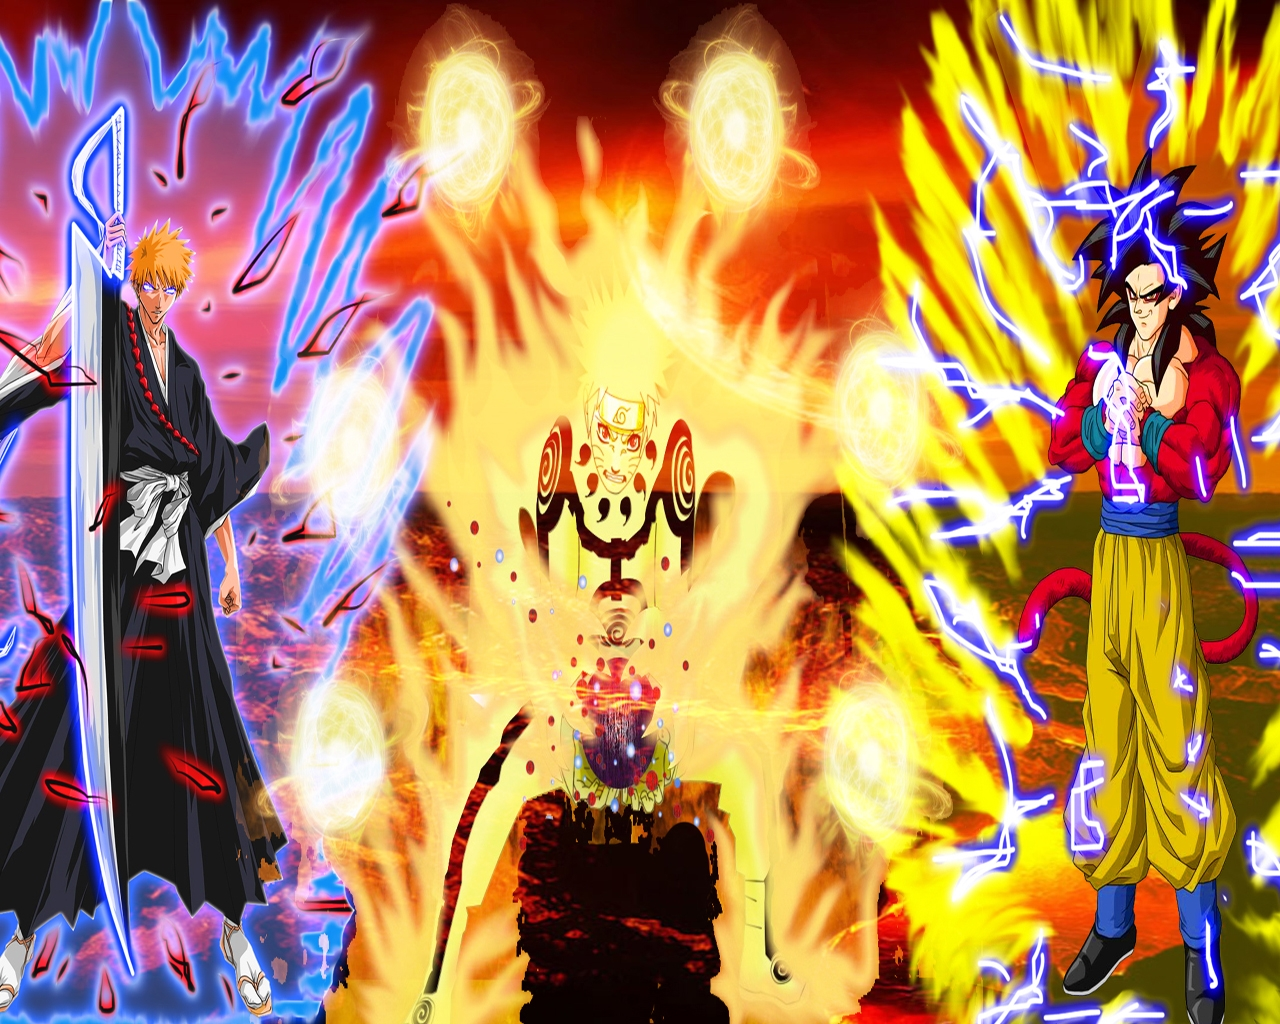 Ichigo Naruto Goku wallpaper   ForWallpapercom 1280x1024